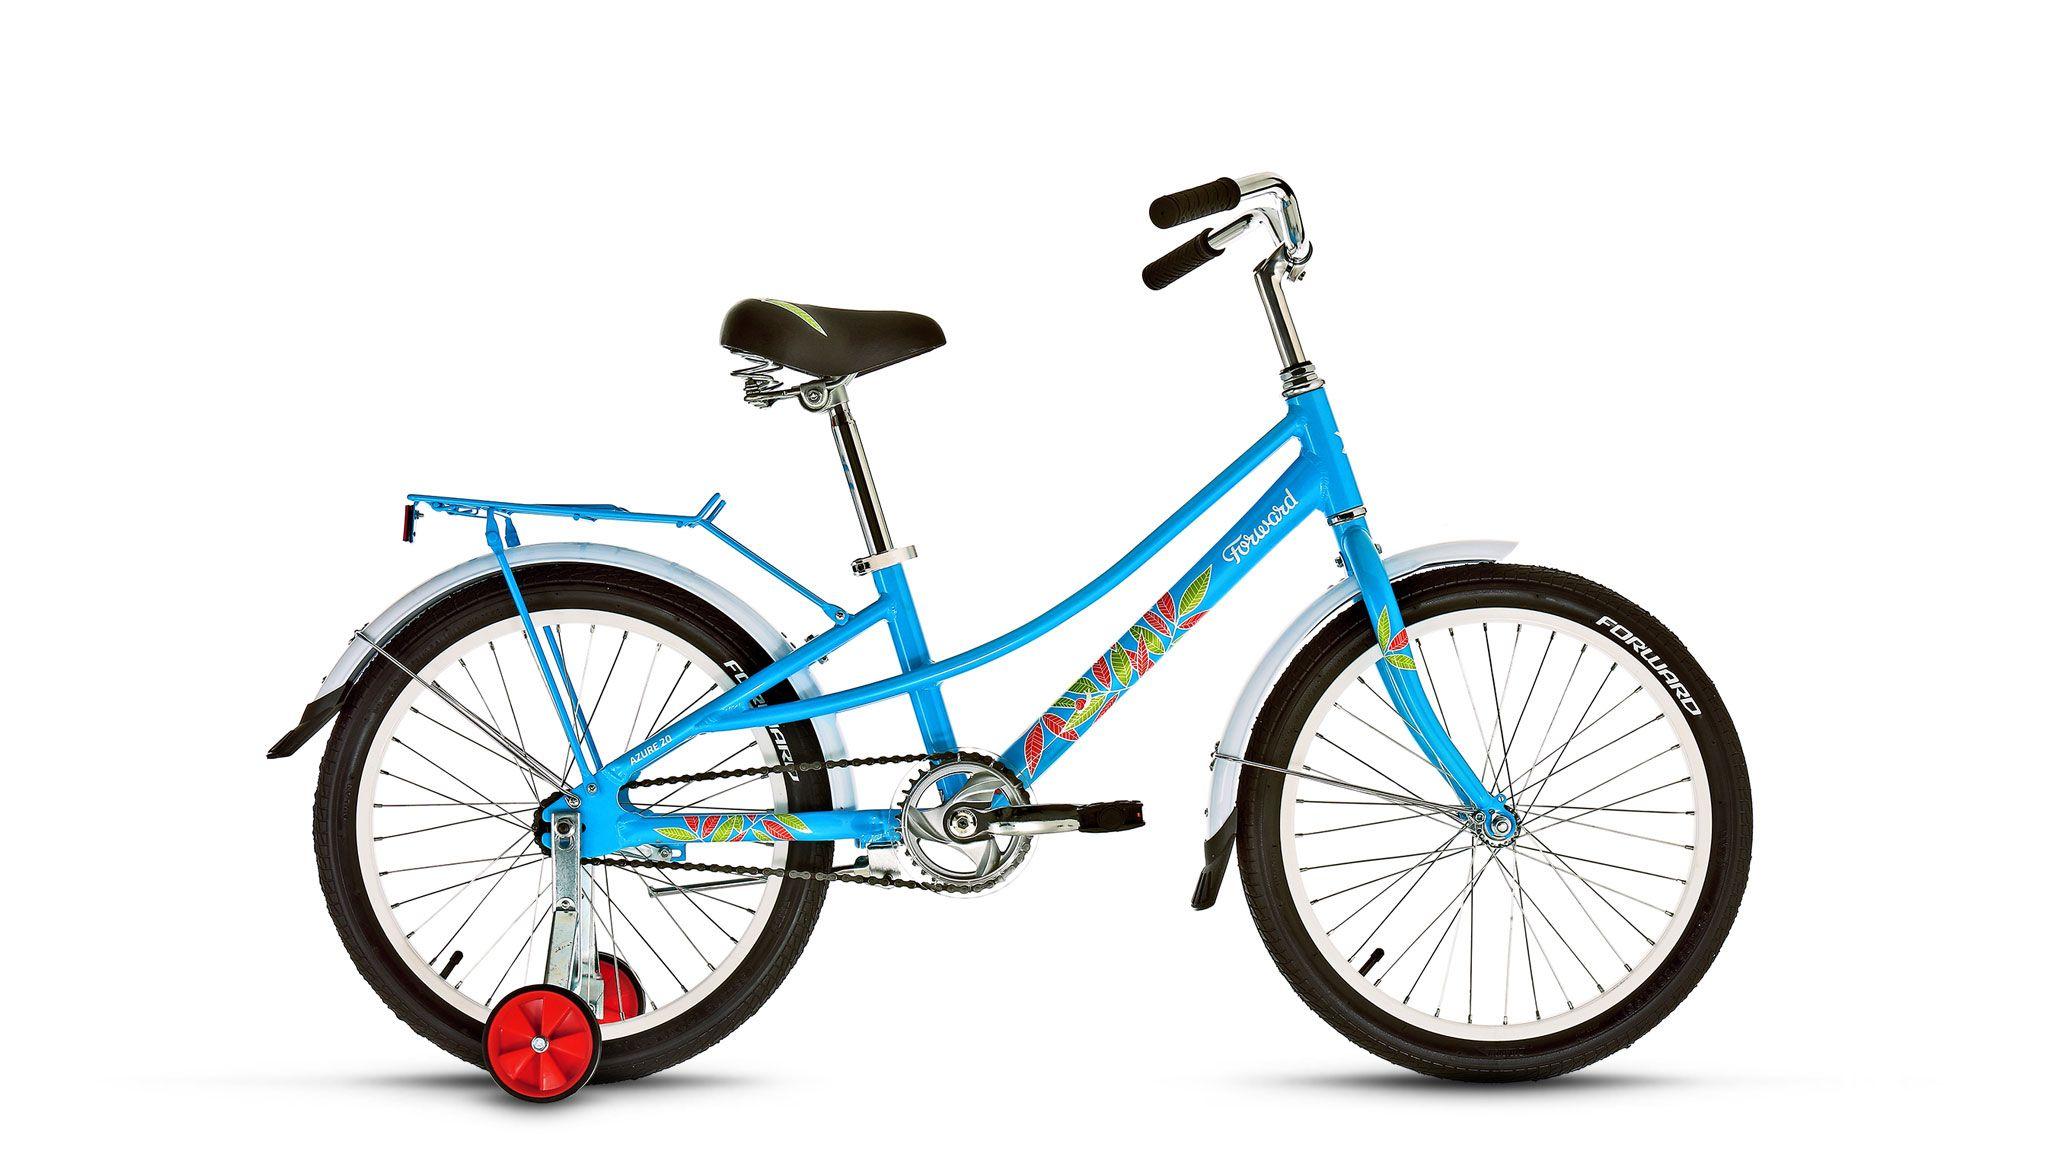 FORWARD Велосипед Forward Azure 20 (2016) голубой 10.5 велосипед forward azure 2 0 2014 17 blue